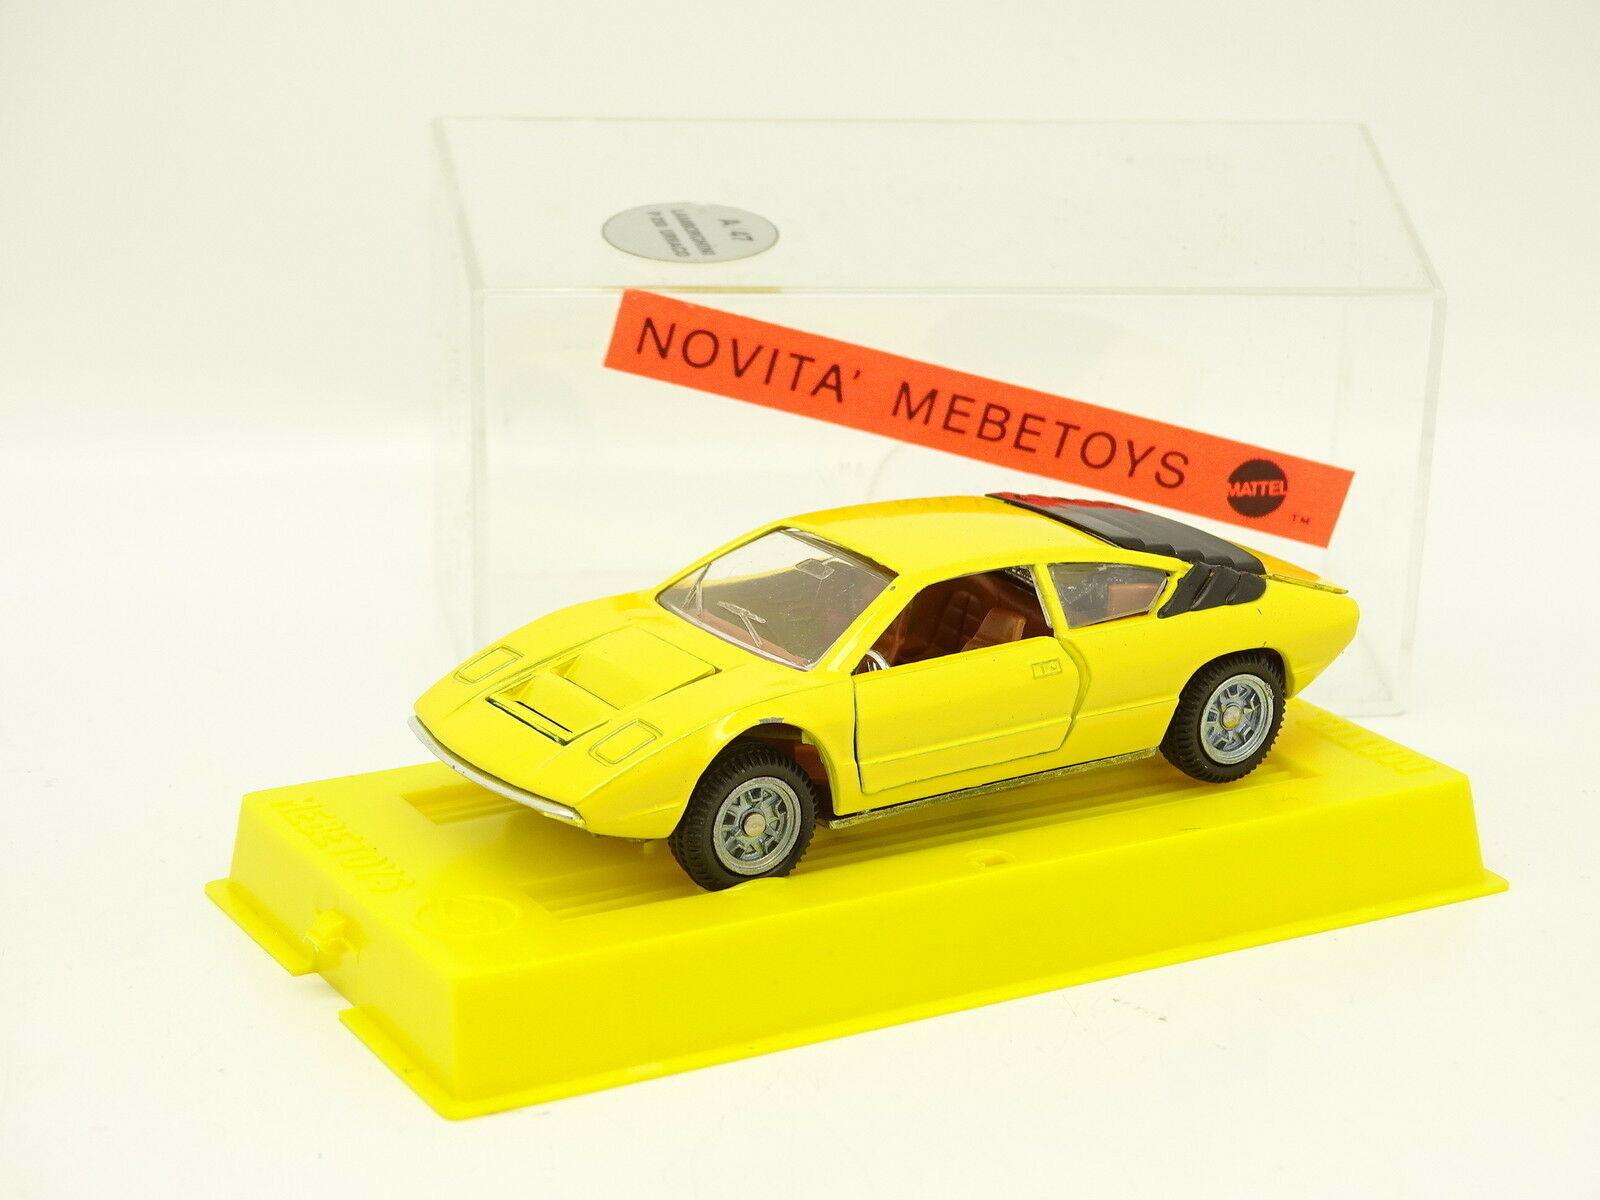 Mebetoys 1 43 - Lamborghini Urraco giallo